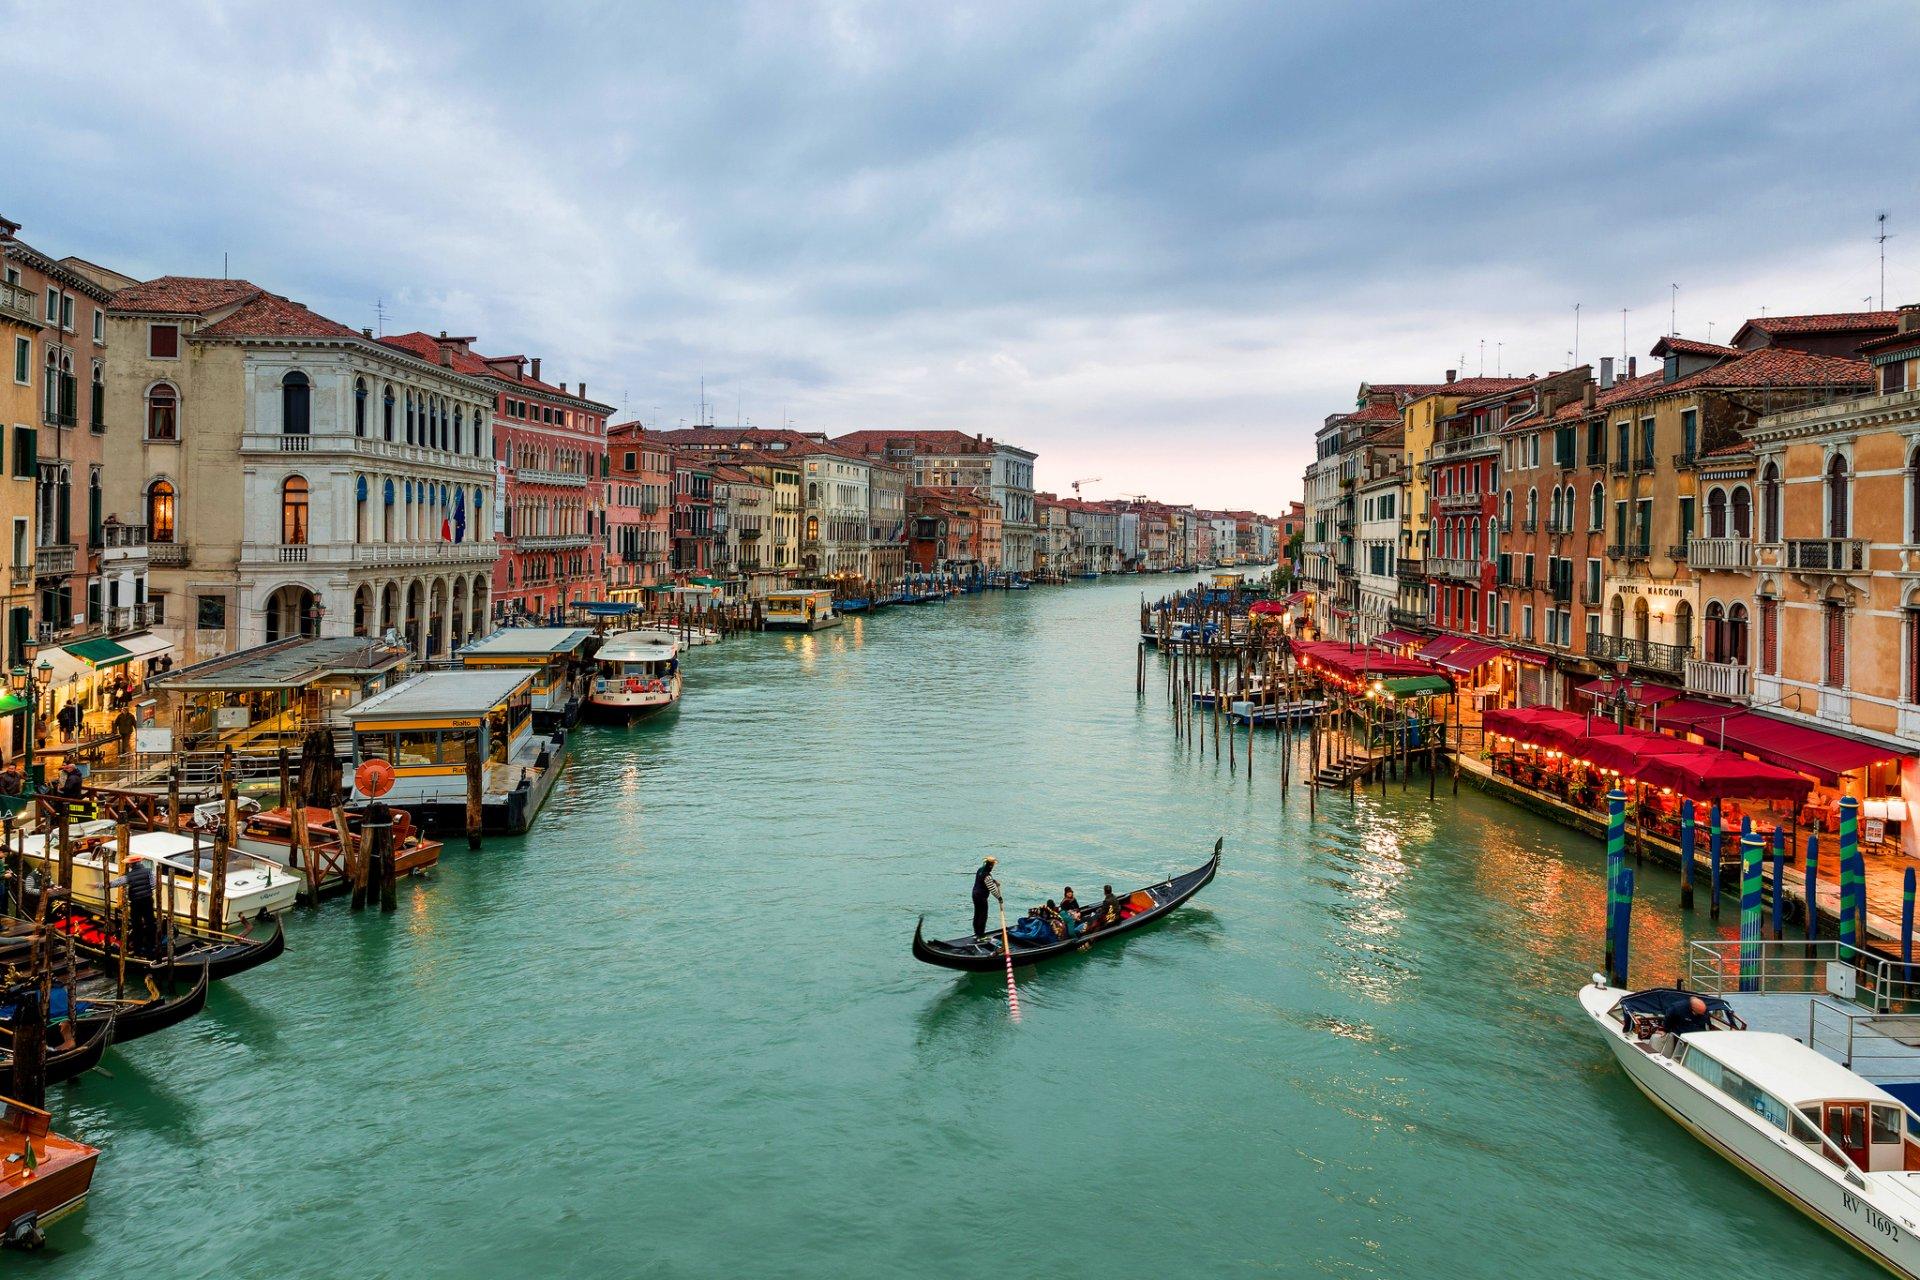 наш клиент картинки на рабочий стол венеция вам побывать